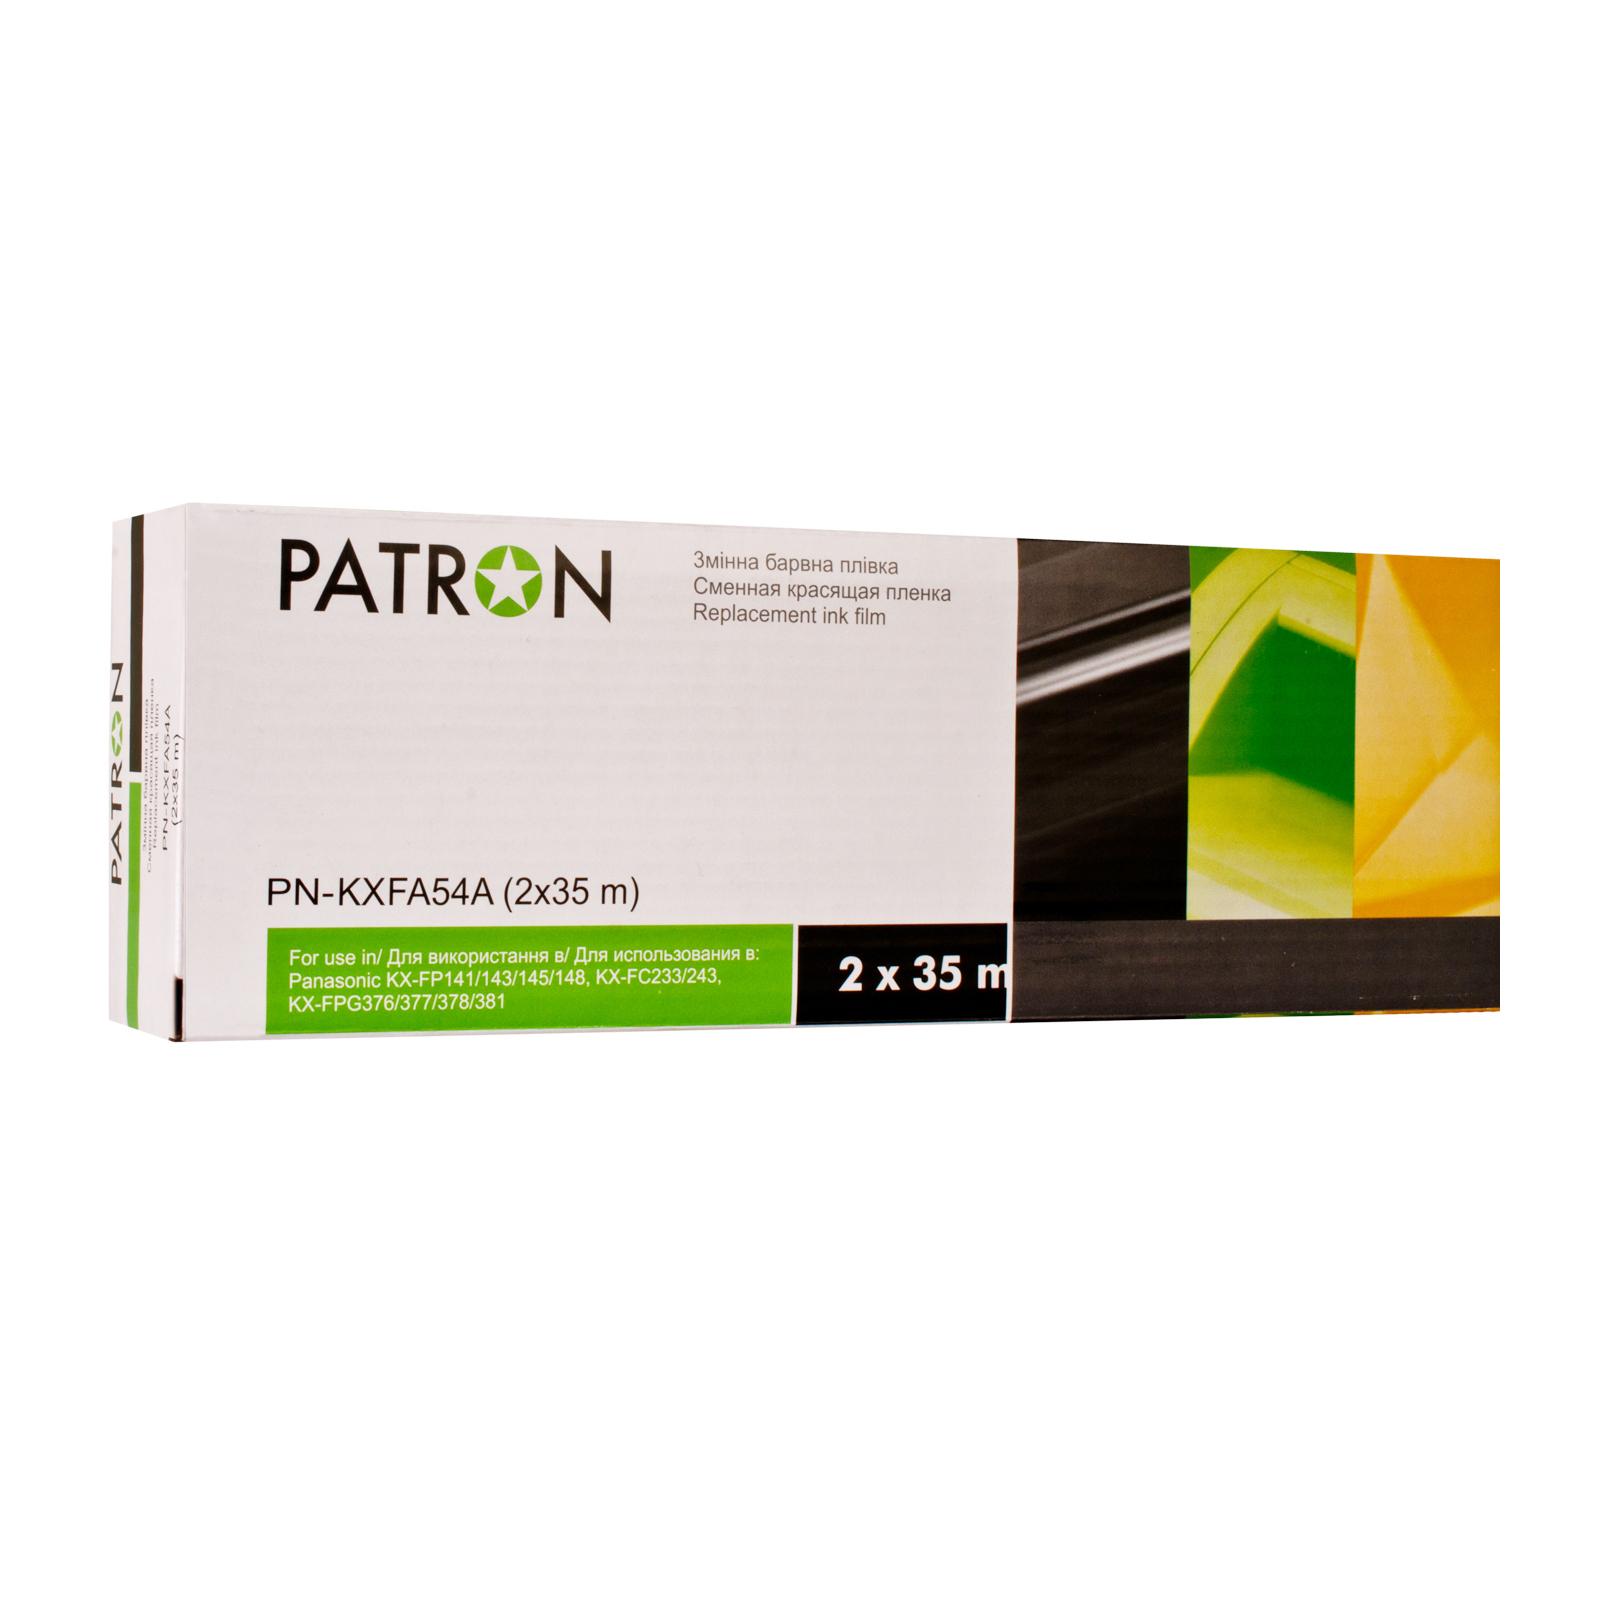 Пленка для факса PANASONIC KX-FA54A PATRON (TF-PAN-KX-FA54A-PN)